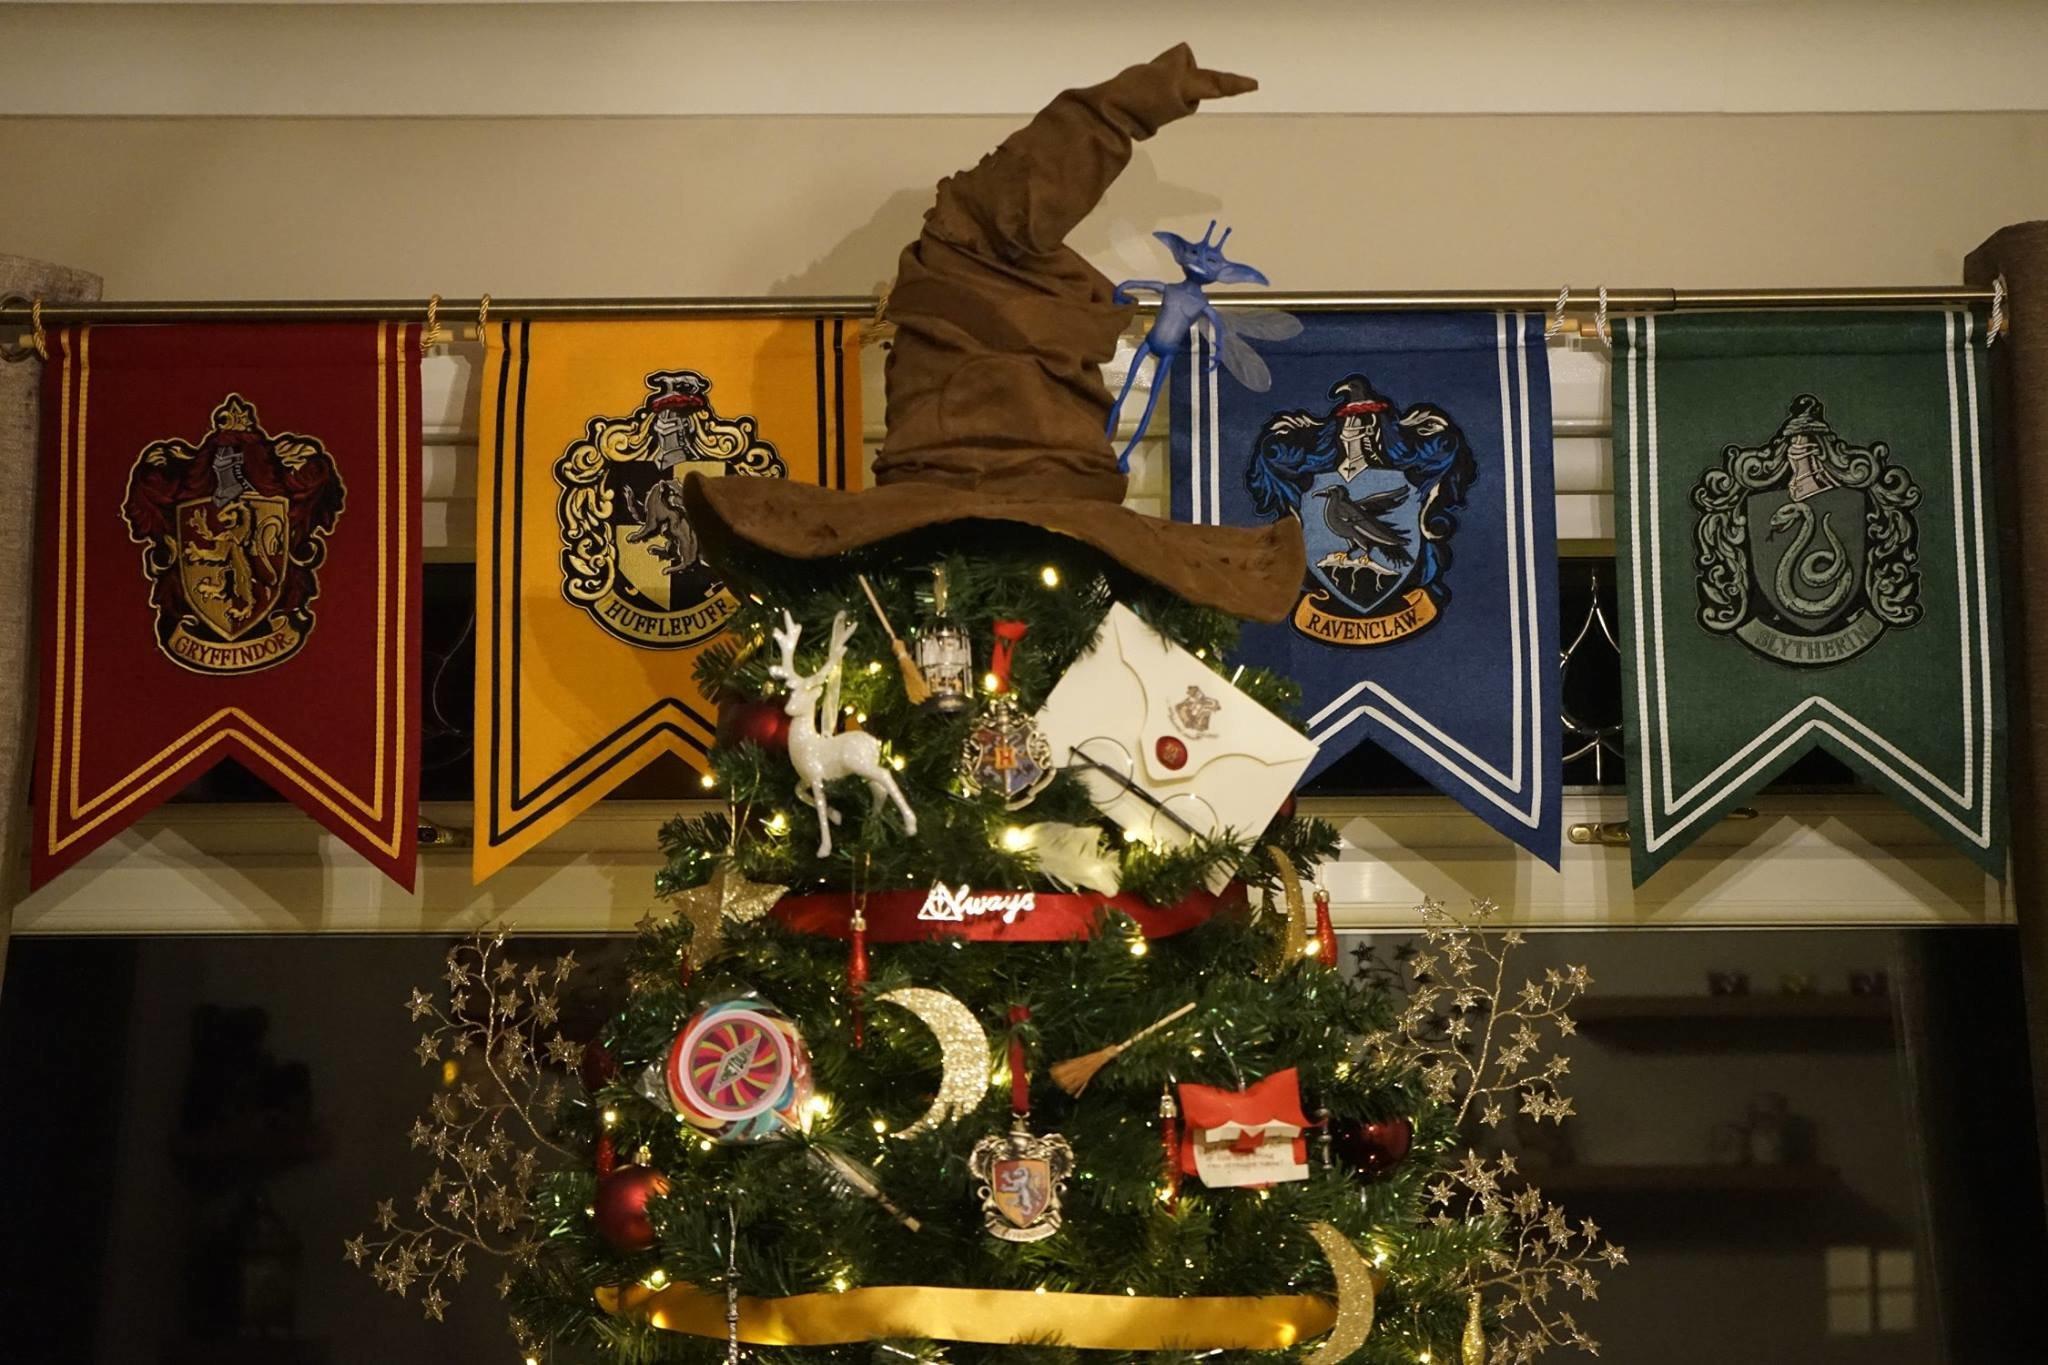 Kathryn Burnett's tree is a wonderful ode to Harry Potter.